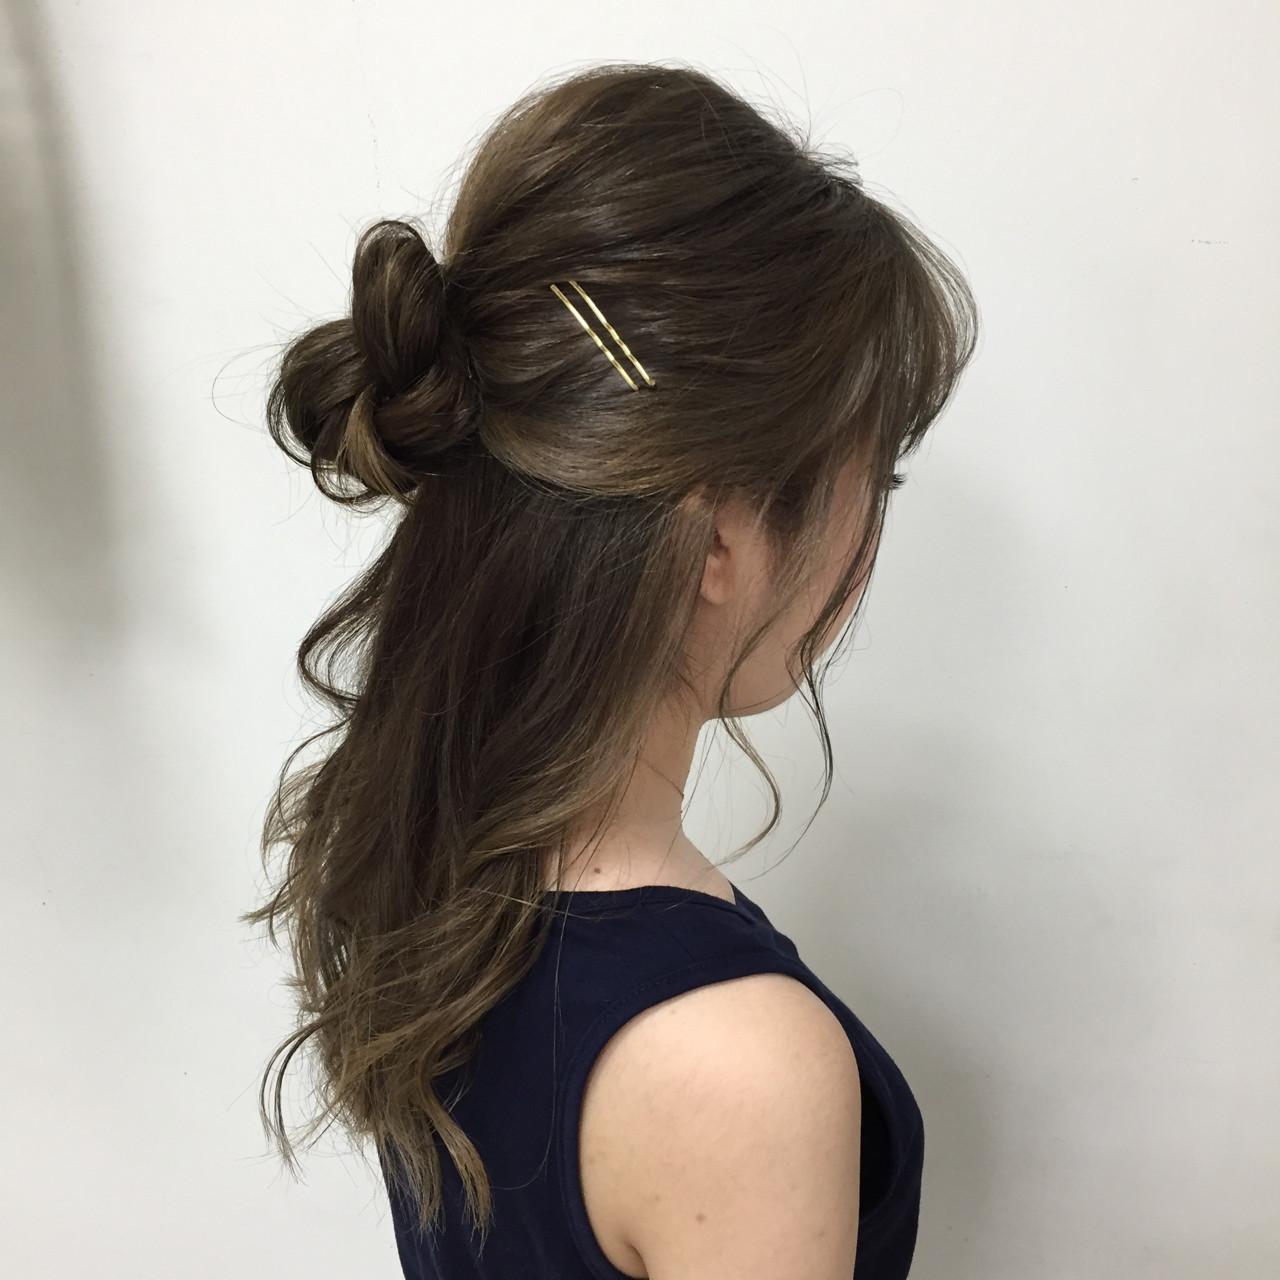 フェミニン セミロング 結婚式 セルフヘアアレンジ ヘアスタイルや髪型の写真・画像